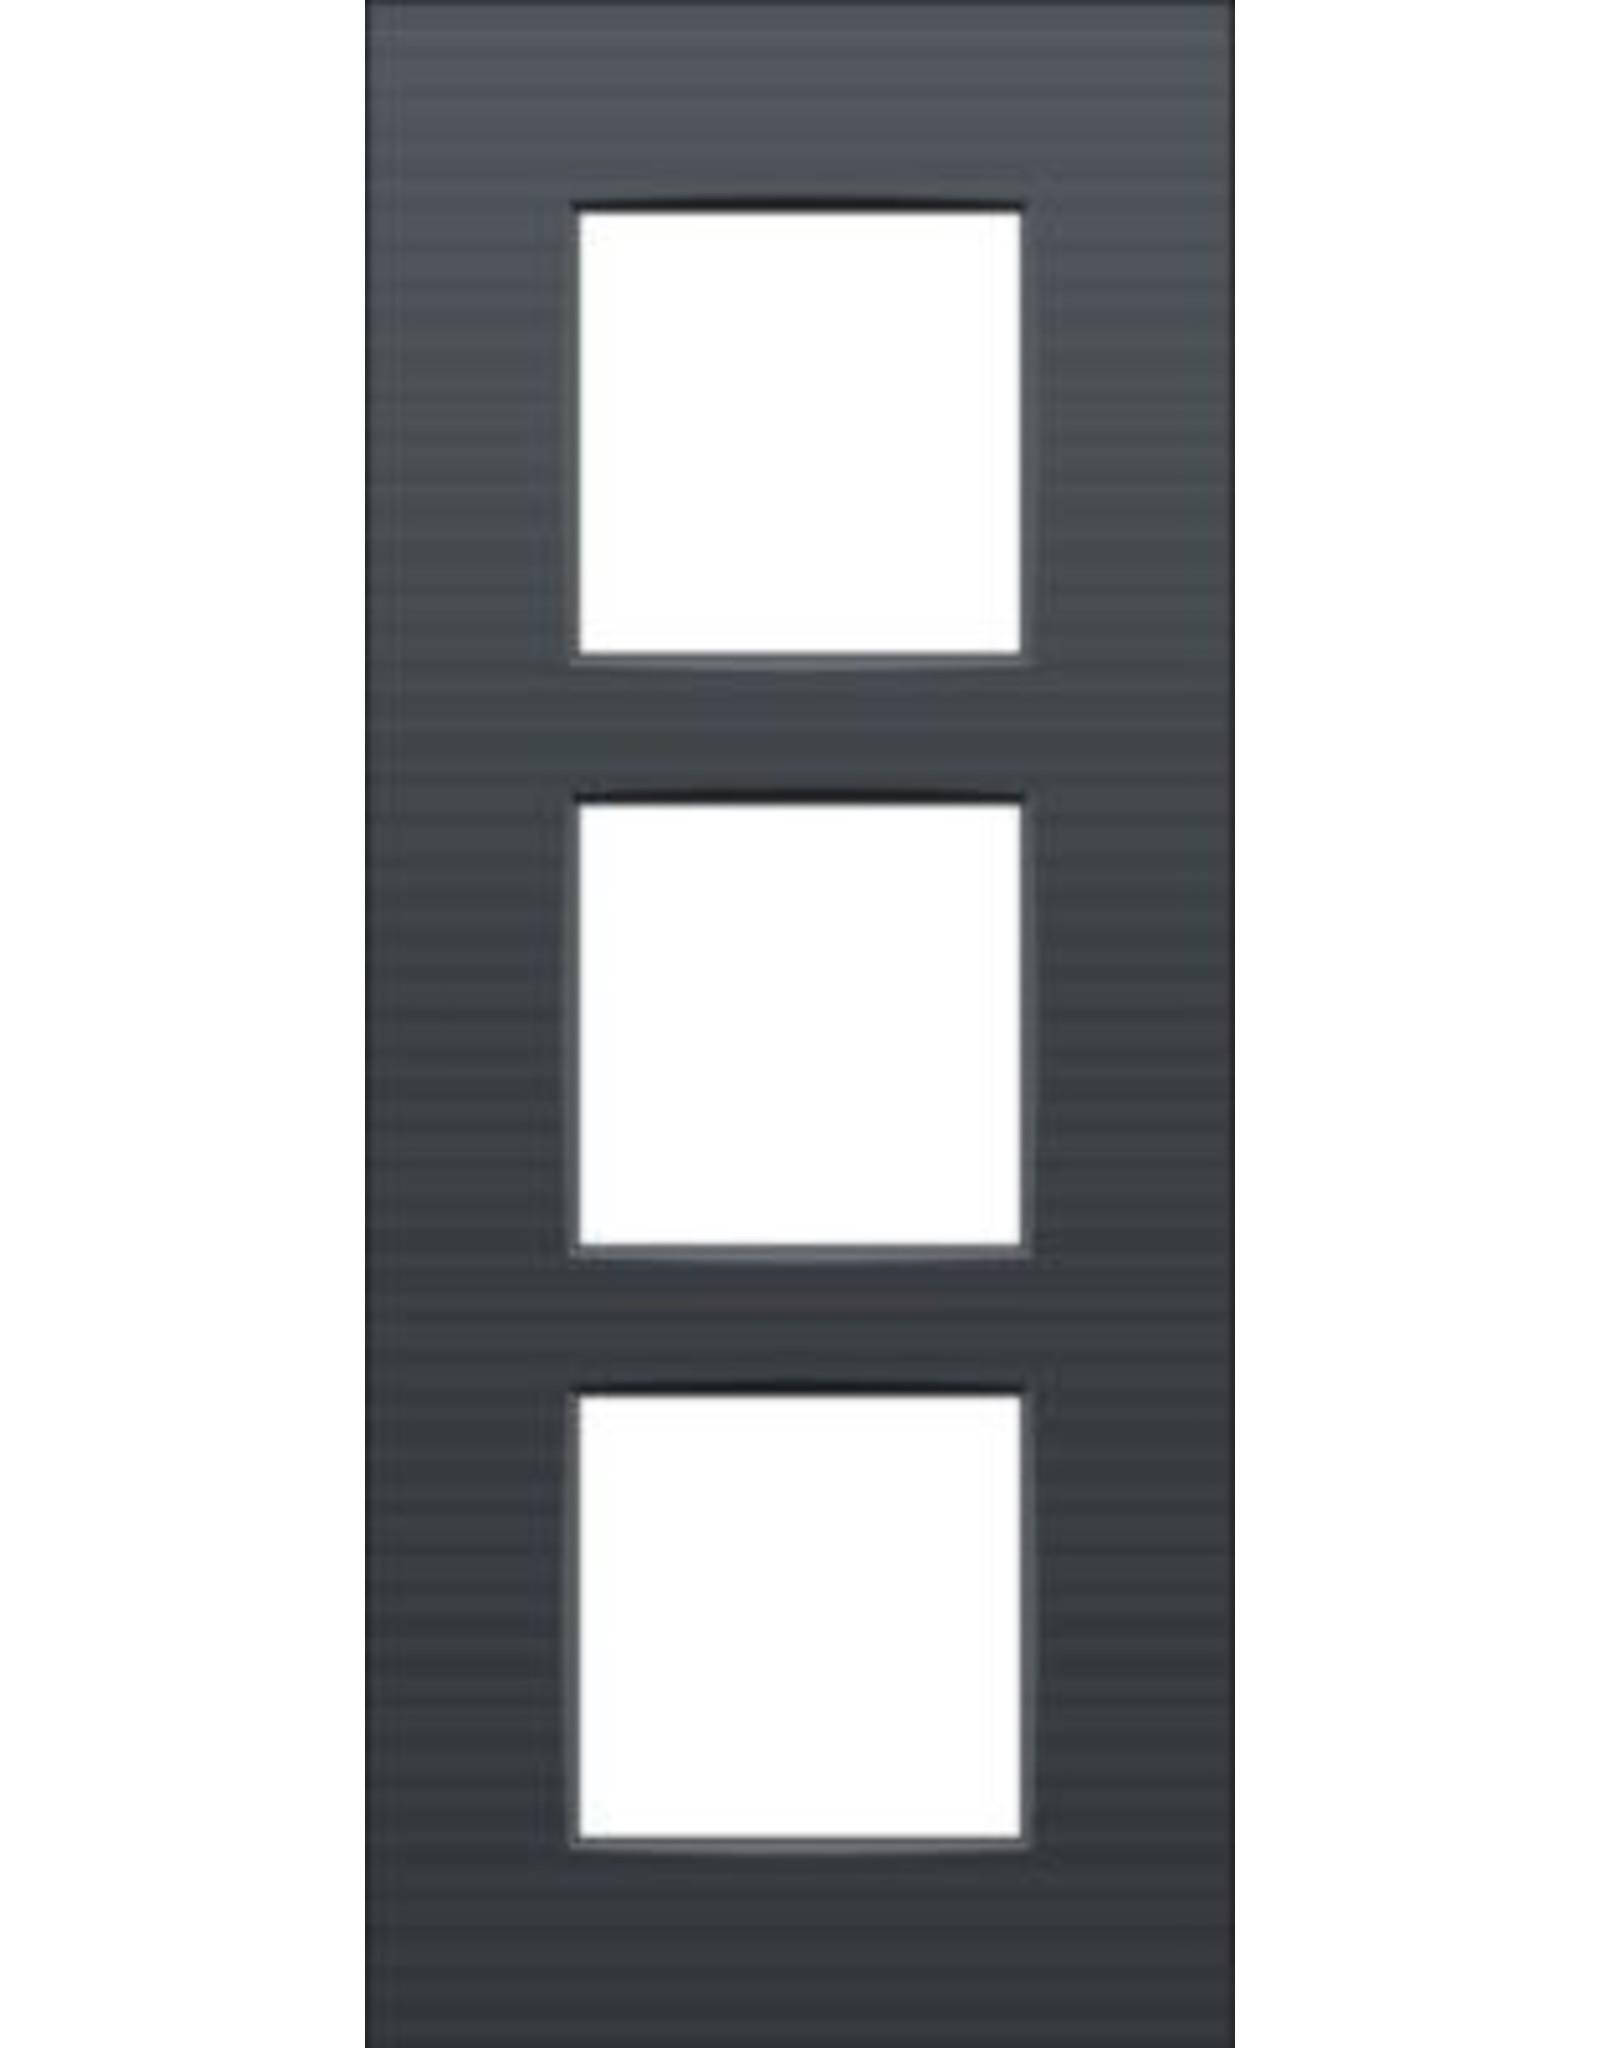 Niko Afdekplaat (60mm) 3-voudig verticaal, antraciet